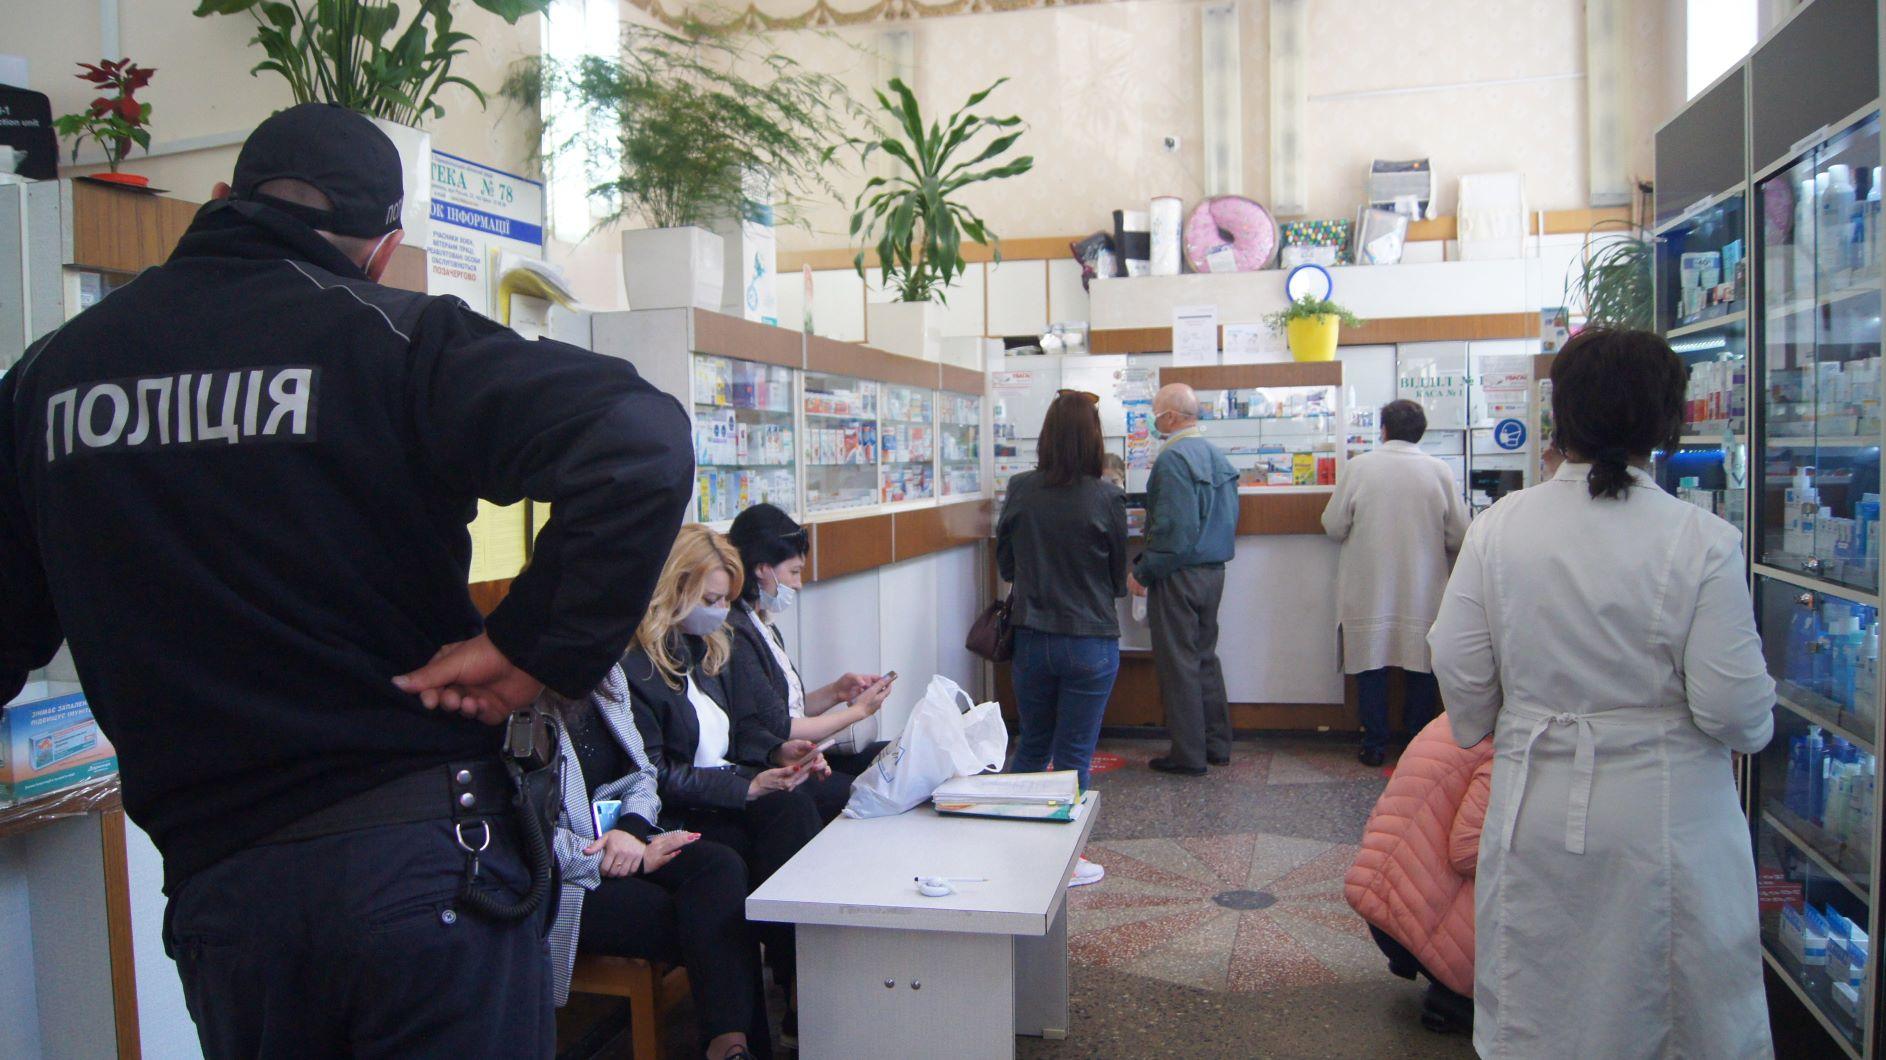 Аптека №78: міська рада вказала на вихід, хлопчик з ломом та інші деталі виселення